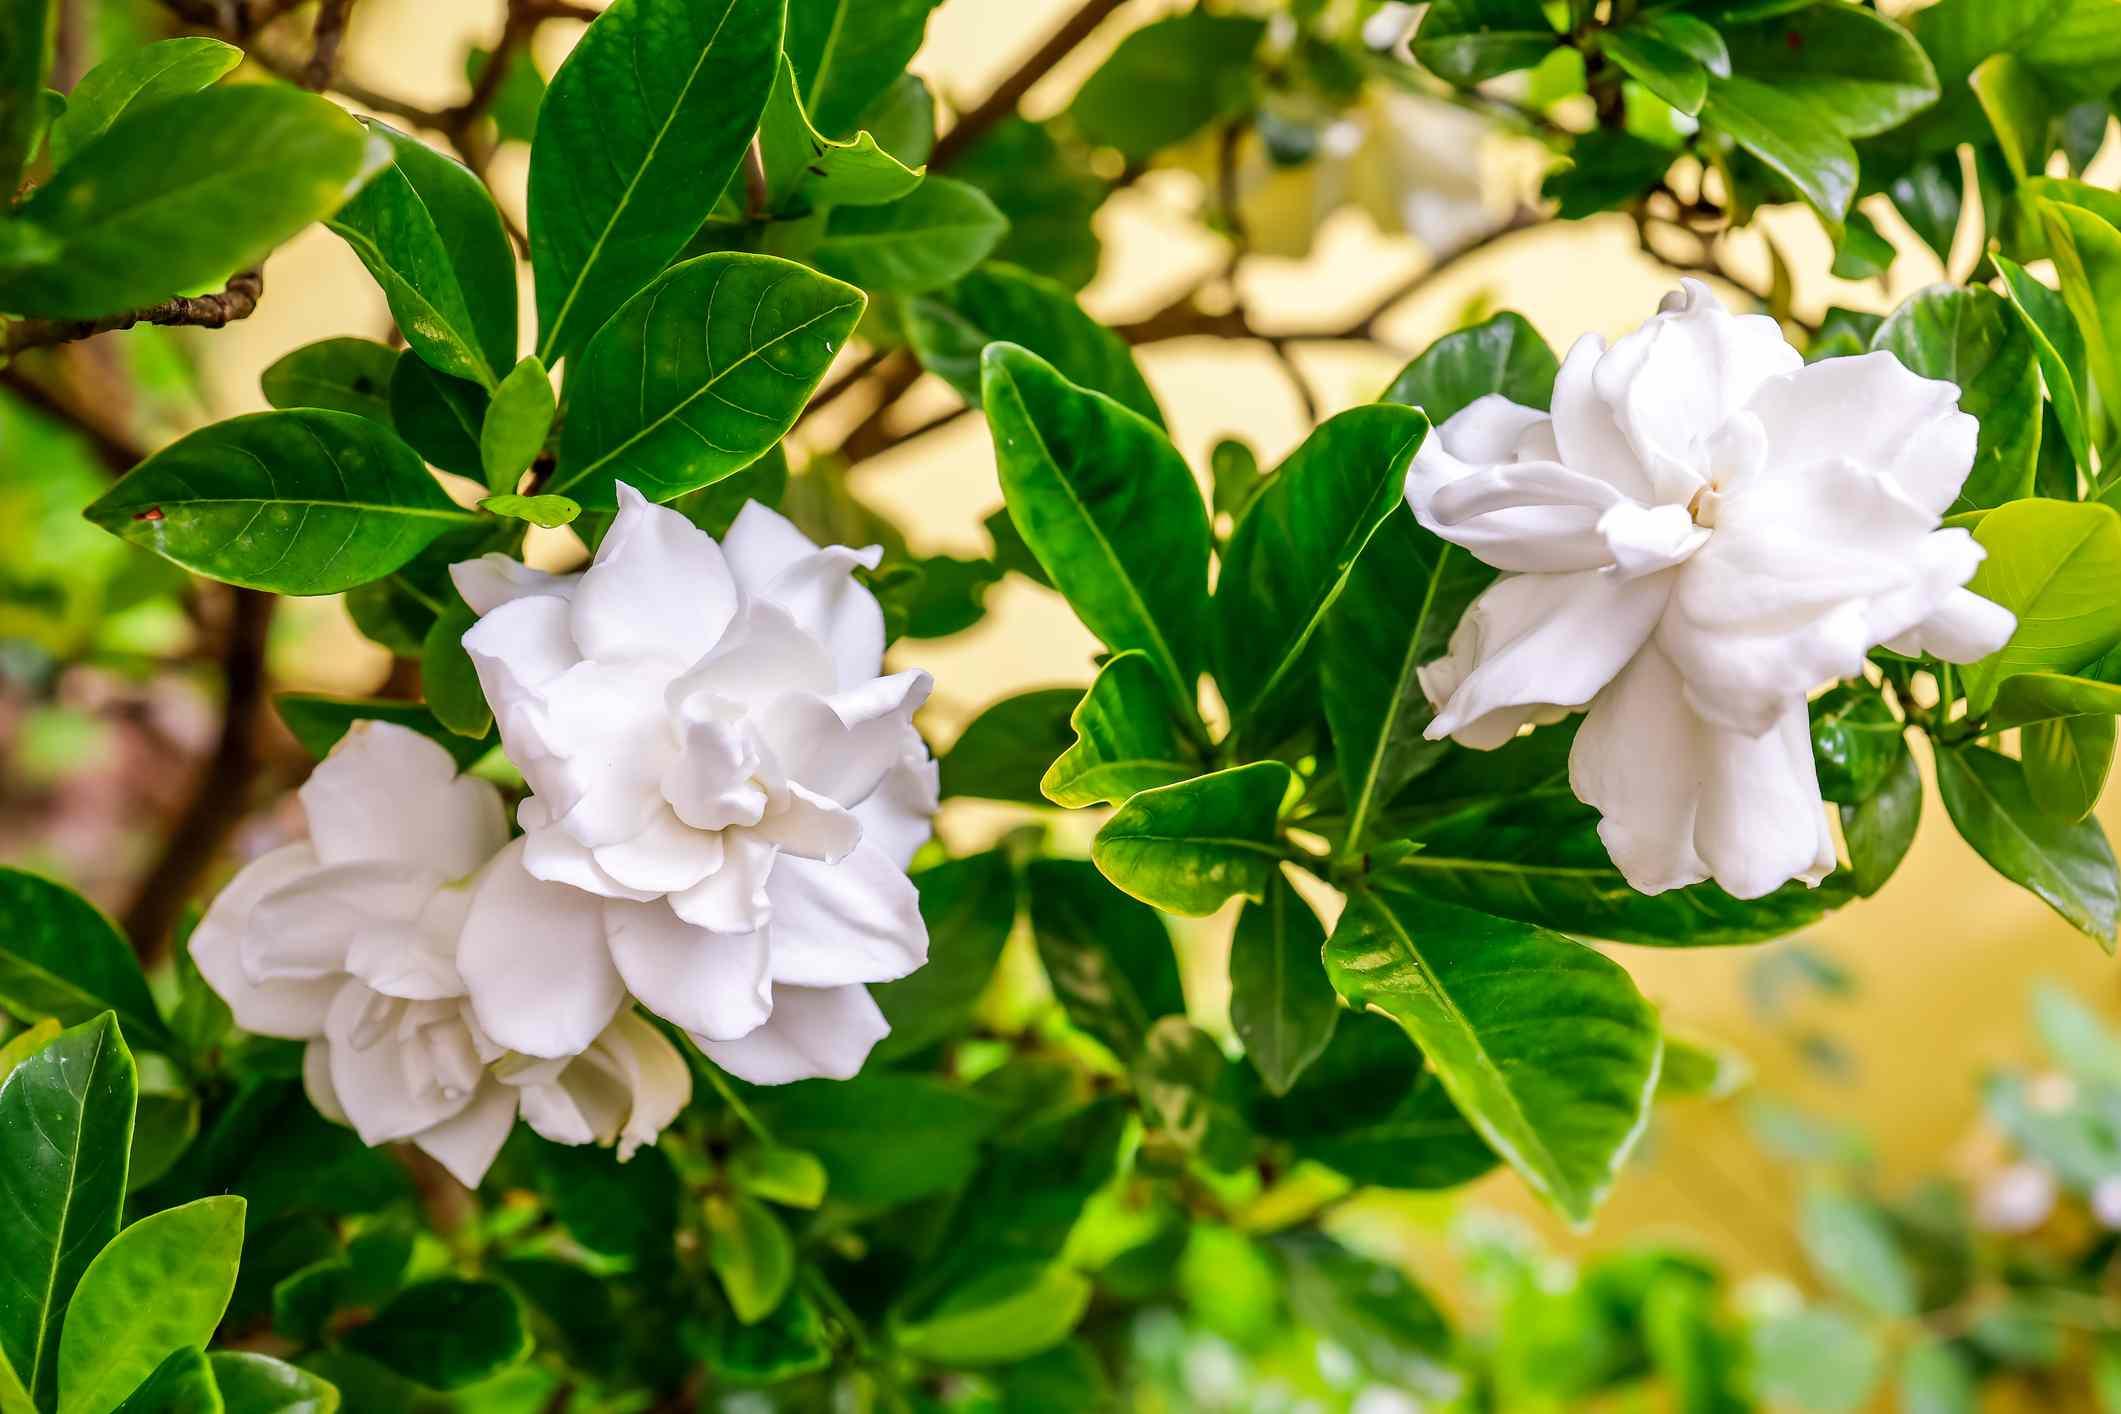 Close up of white gardenia blossoms